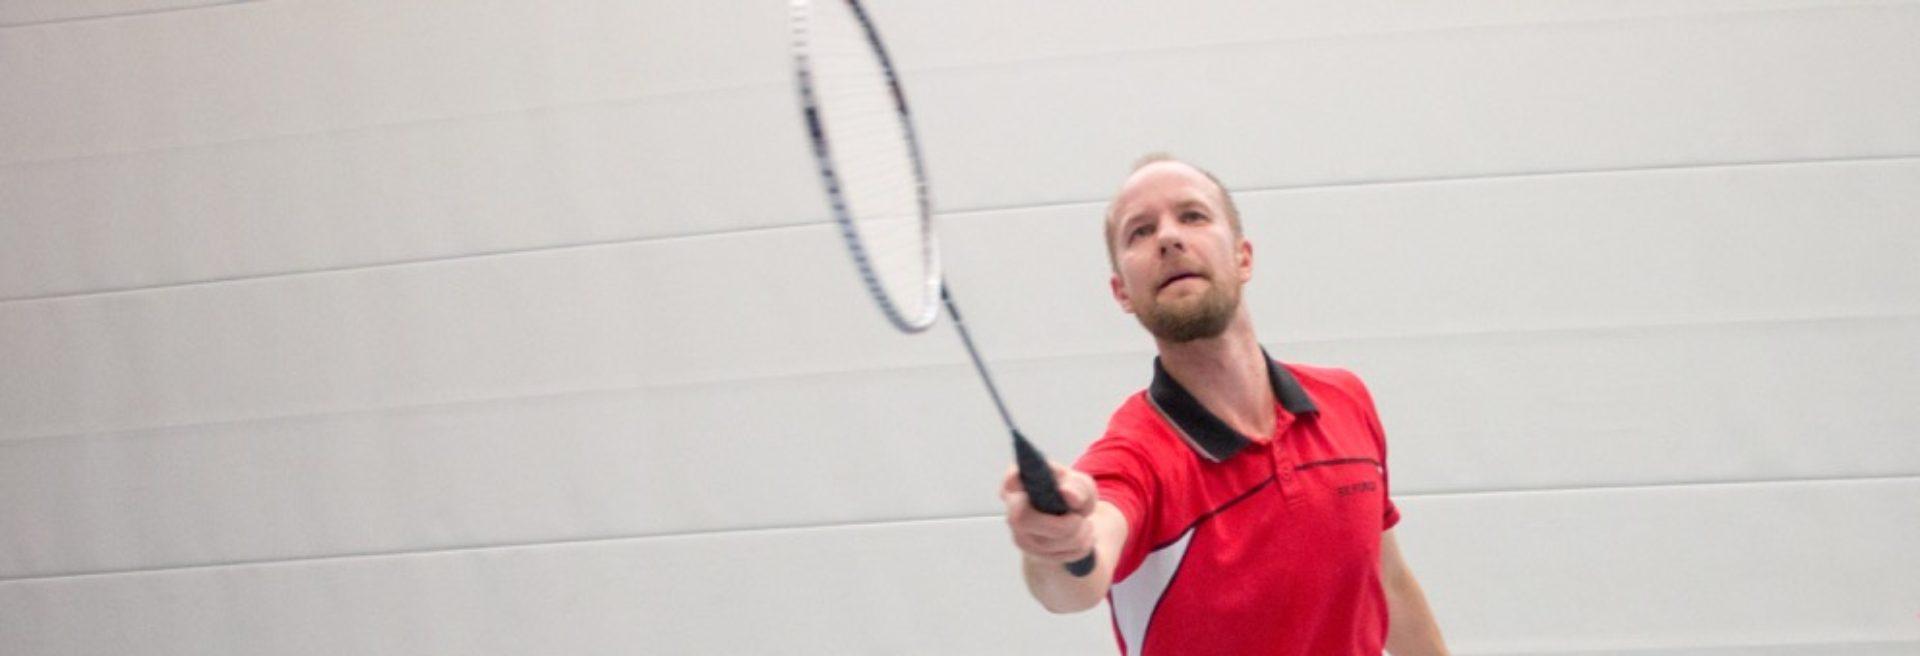 Badmintonverein Esslingen